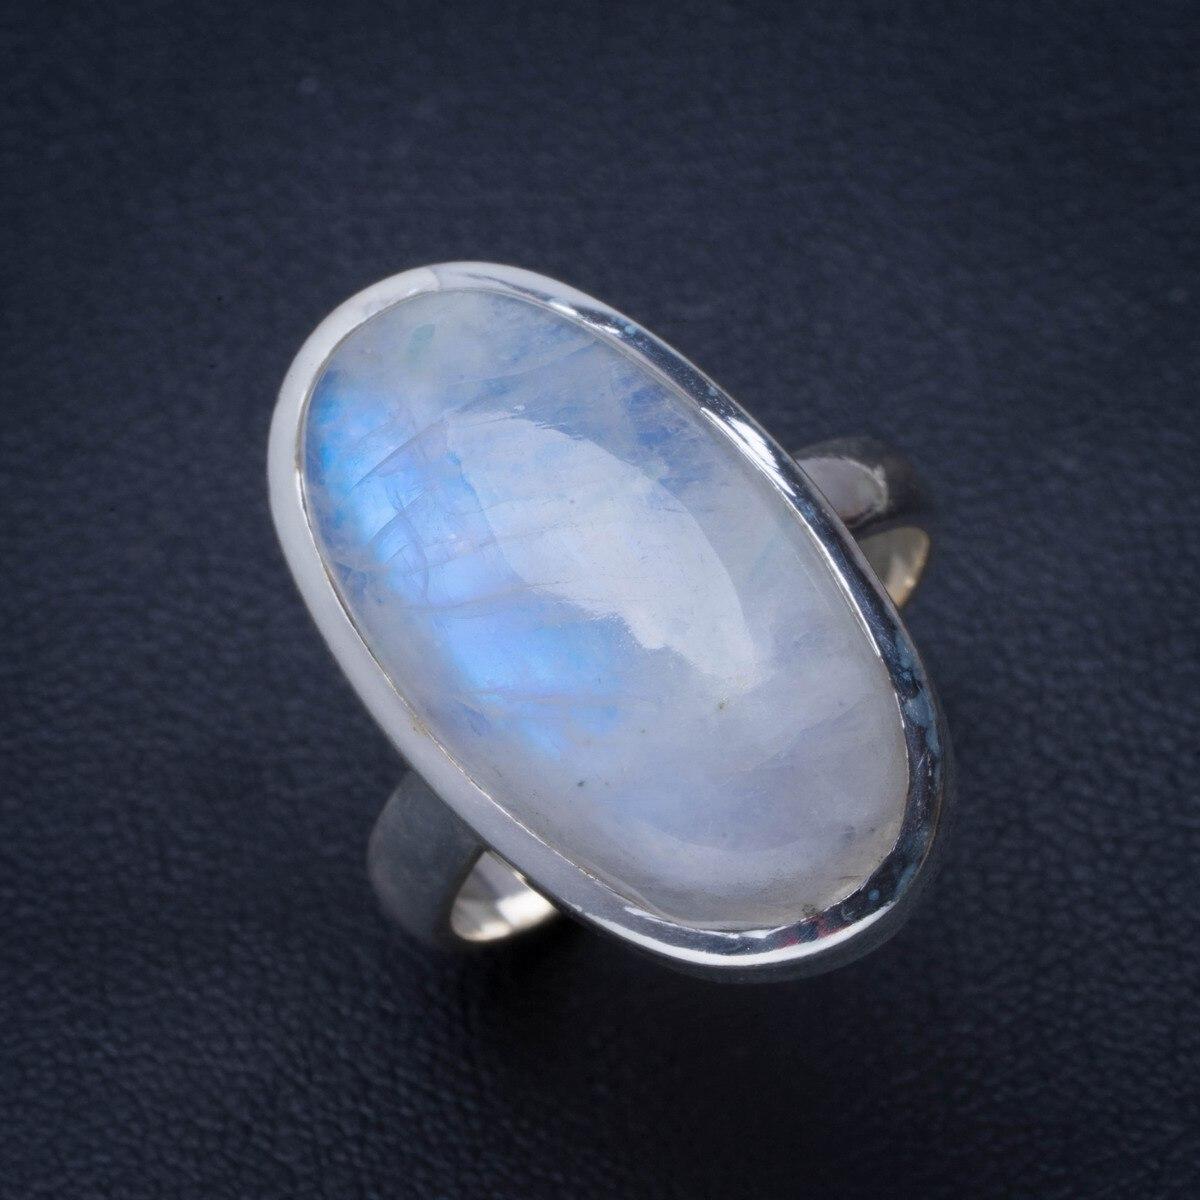 Bague naturelle en argent Sterling 925 fait à la main avec pierre de lune arc-en-ciel 7.75 B1420